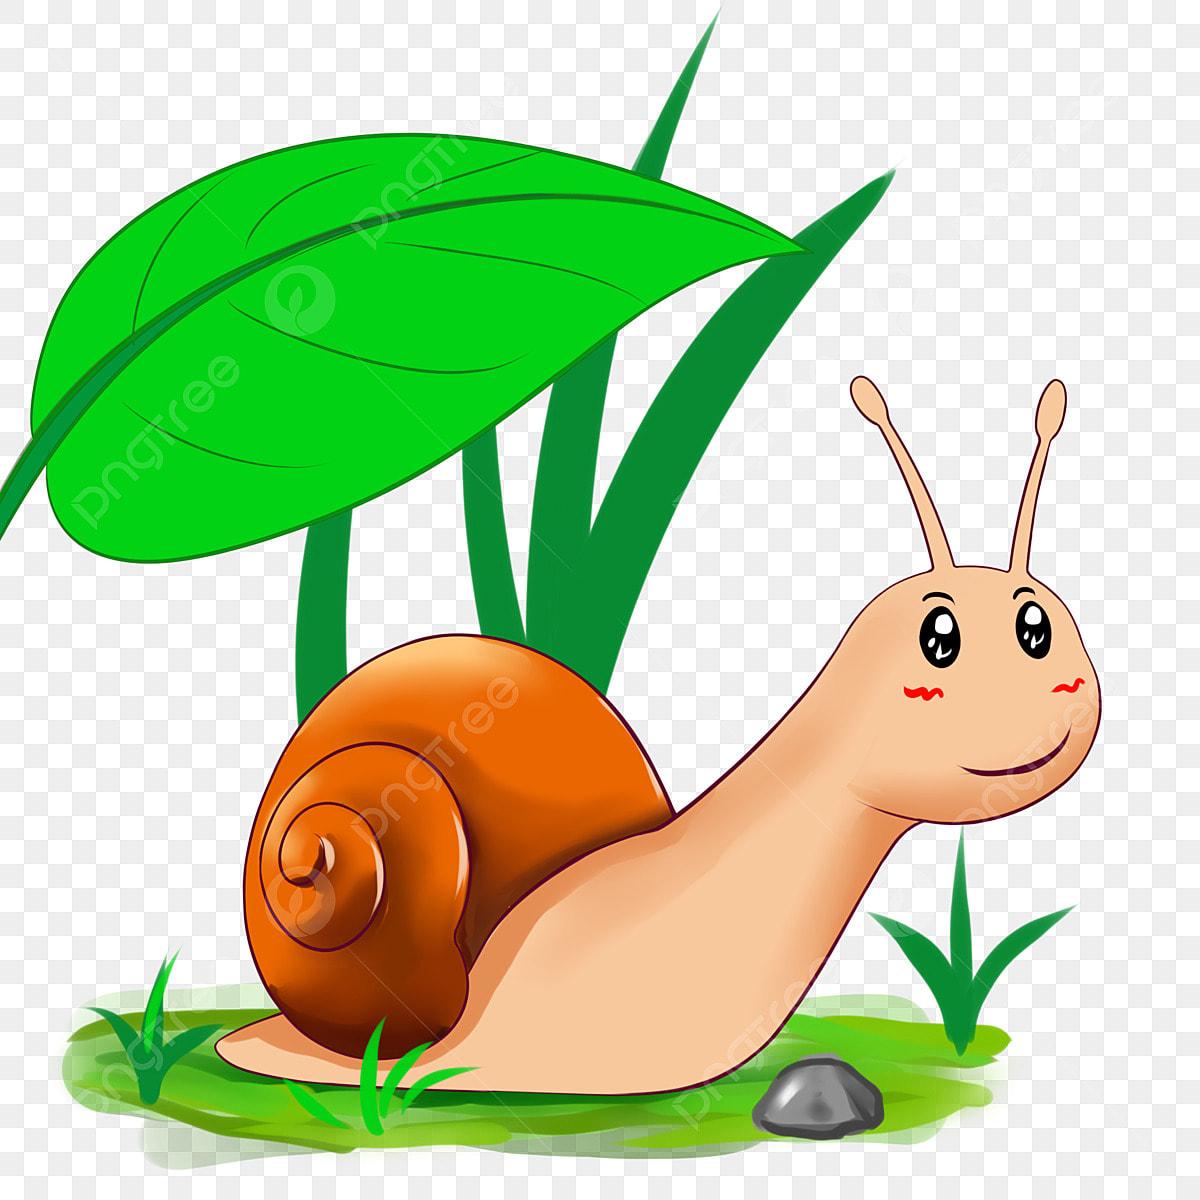 Escargot De Printemps Escargot Mignon Escargot De Dessin Anime Feuille Verte Escargot Clipart Escargot De Printemps Escargot Mignon Fichier Png Et Psd Pour Le Telechargement Libre